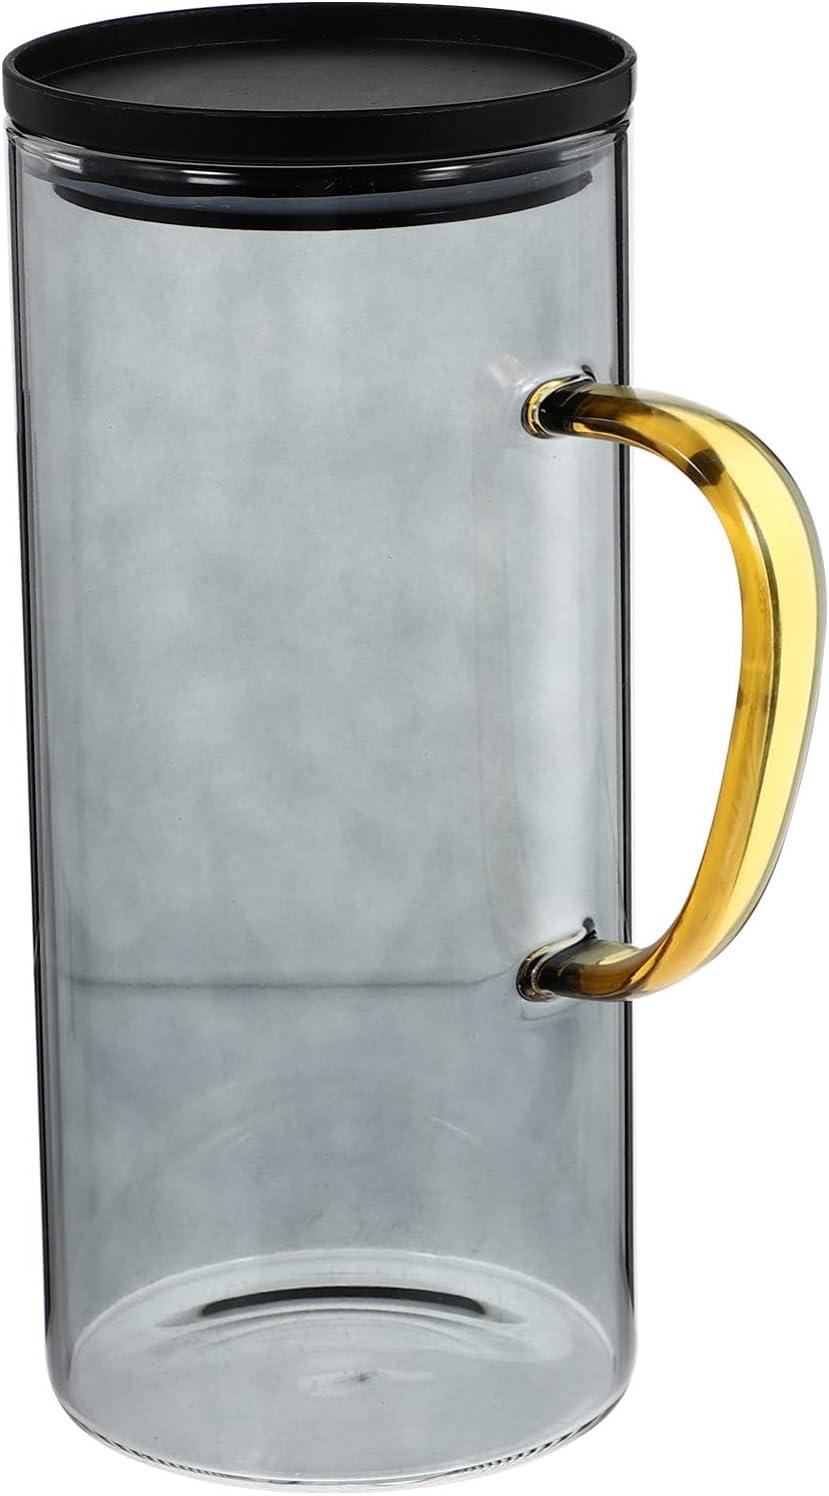 Cabilock 1. Jarra de Agua de 5L con Mango Jarra de Agua de Vidrio Jarra de Jugo con Tapa Y para Bebidas Caseras Jarra de Té Helado Jarra de Bebida para Té Helado